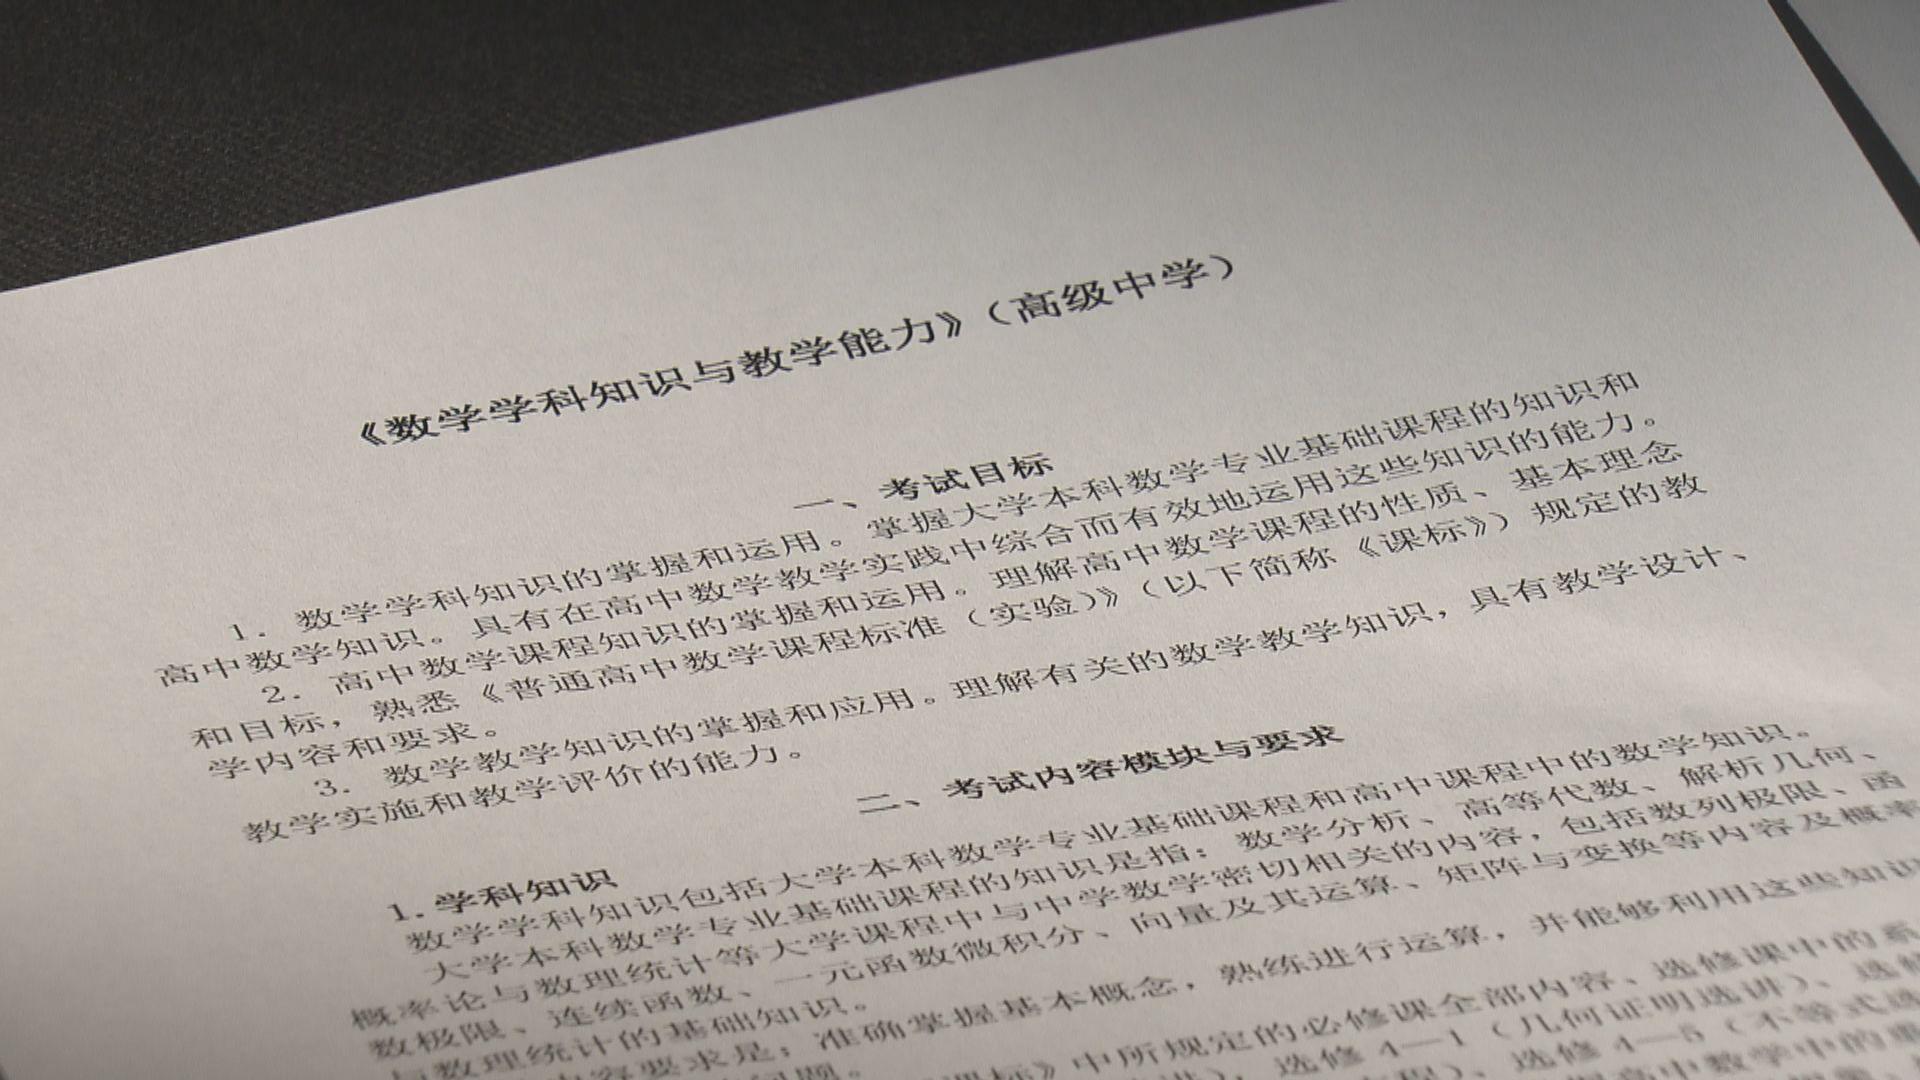 【經緯線本周提要】到大灣區教書 要擁護共產黨